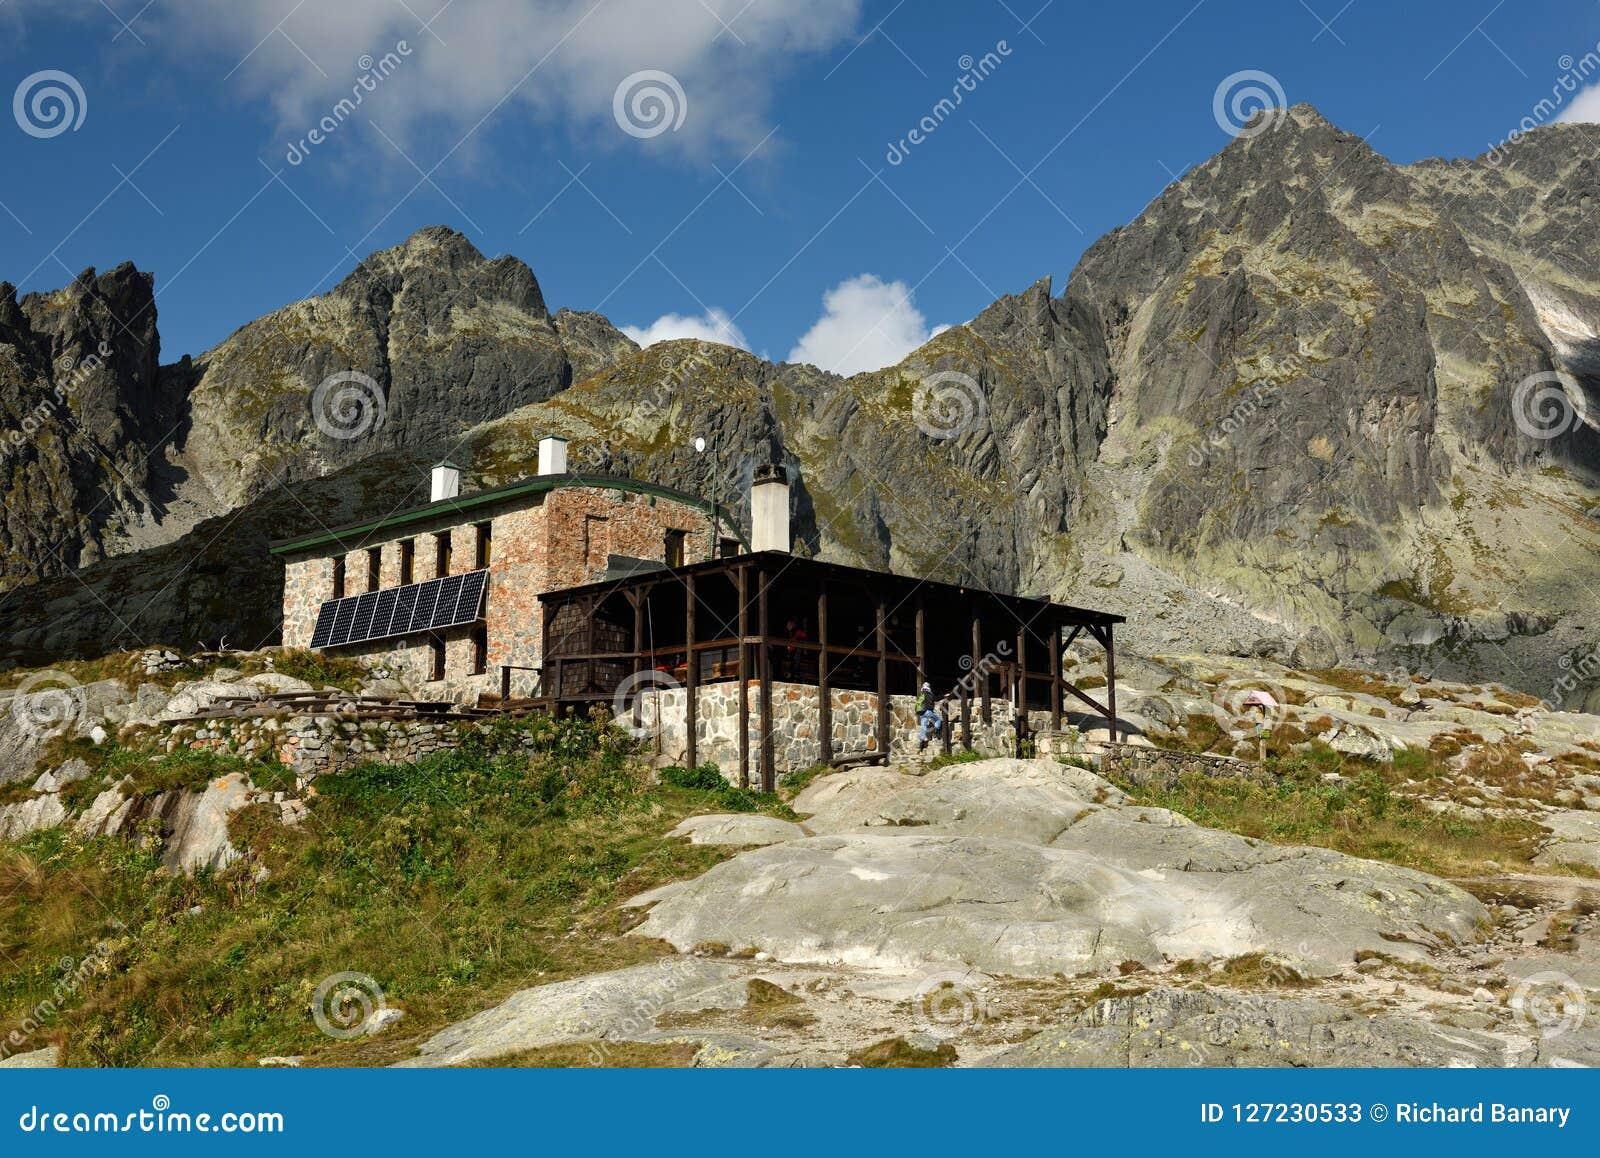 Teryho-chata, Mala Studena-dolina, Vysoke Tatry, Slowakei